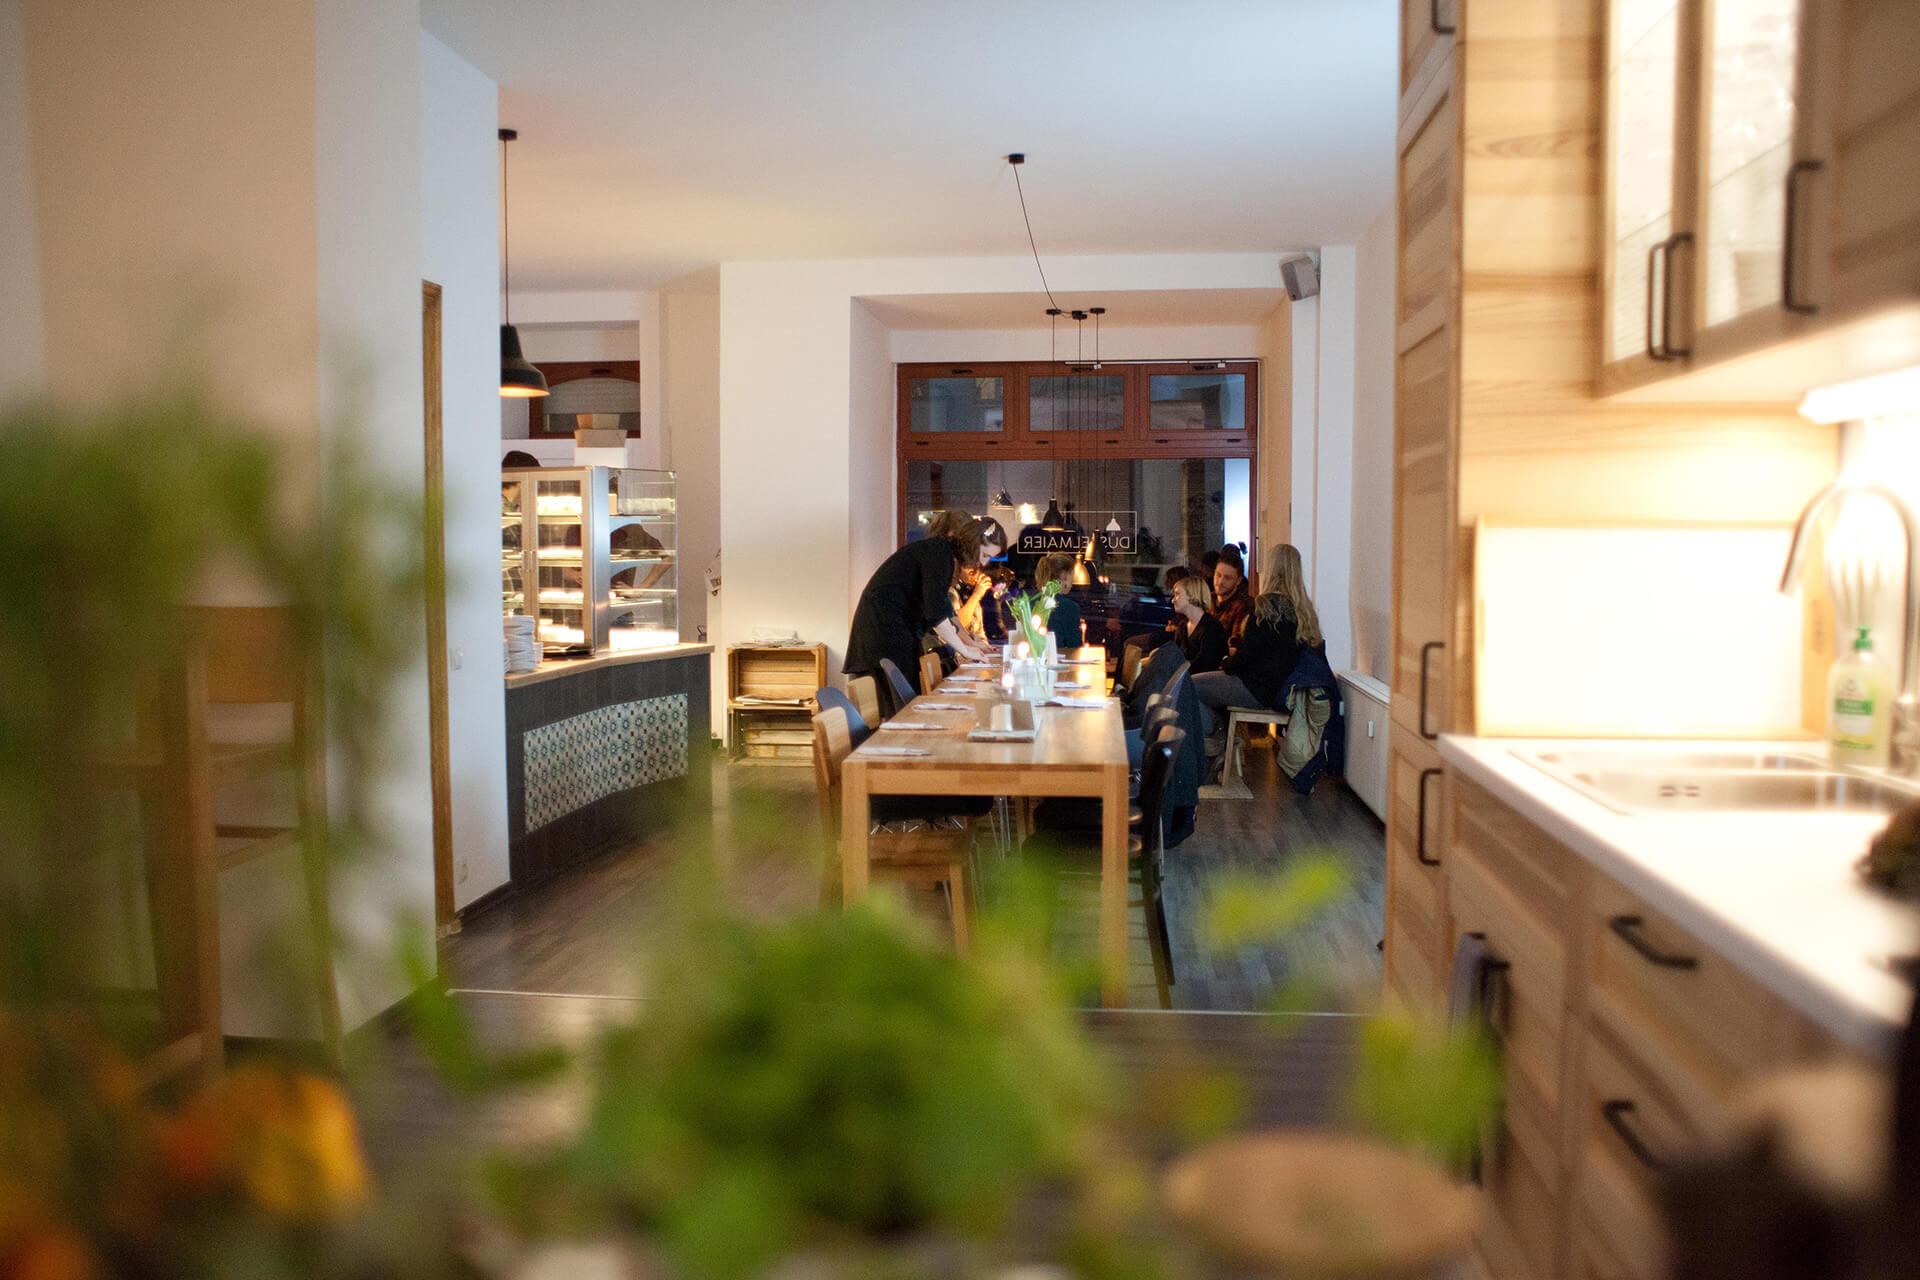 Zur Miete Cafe Berlin